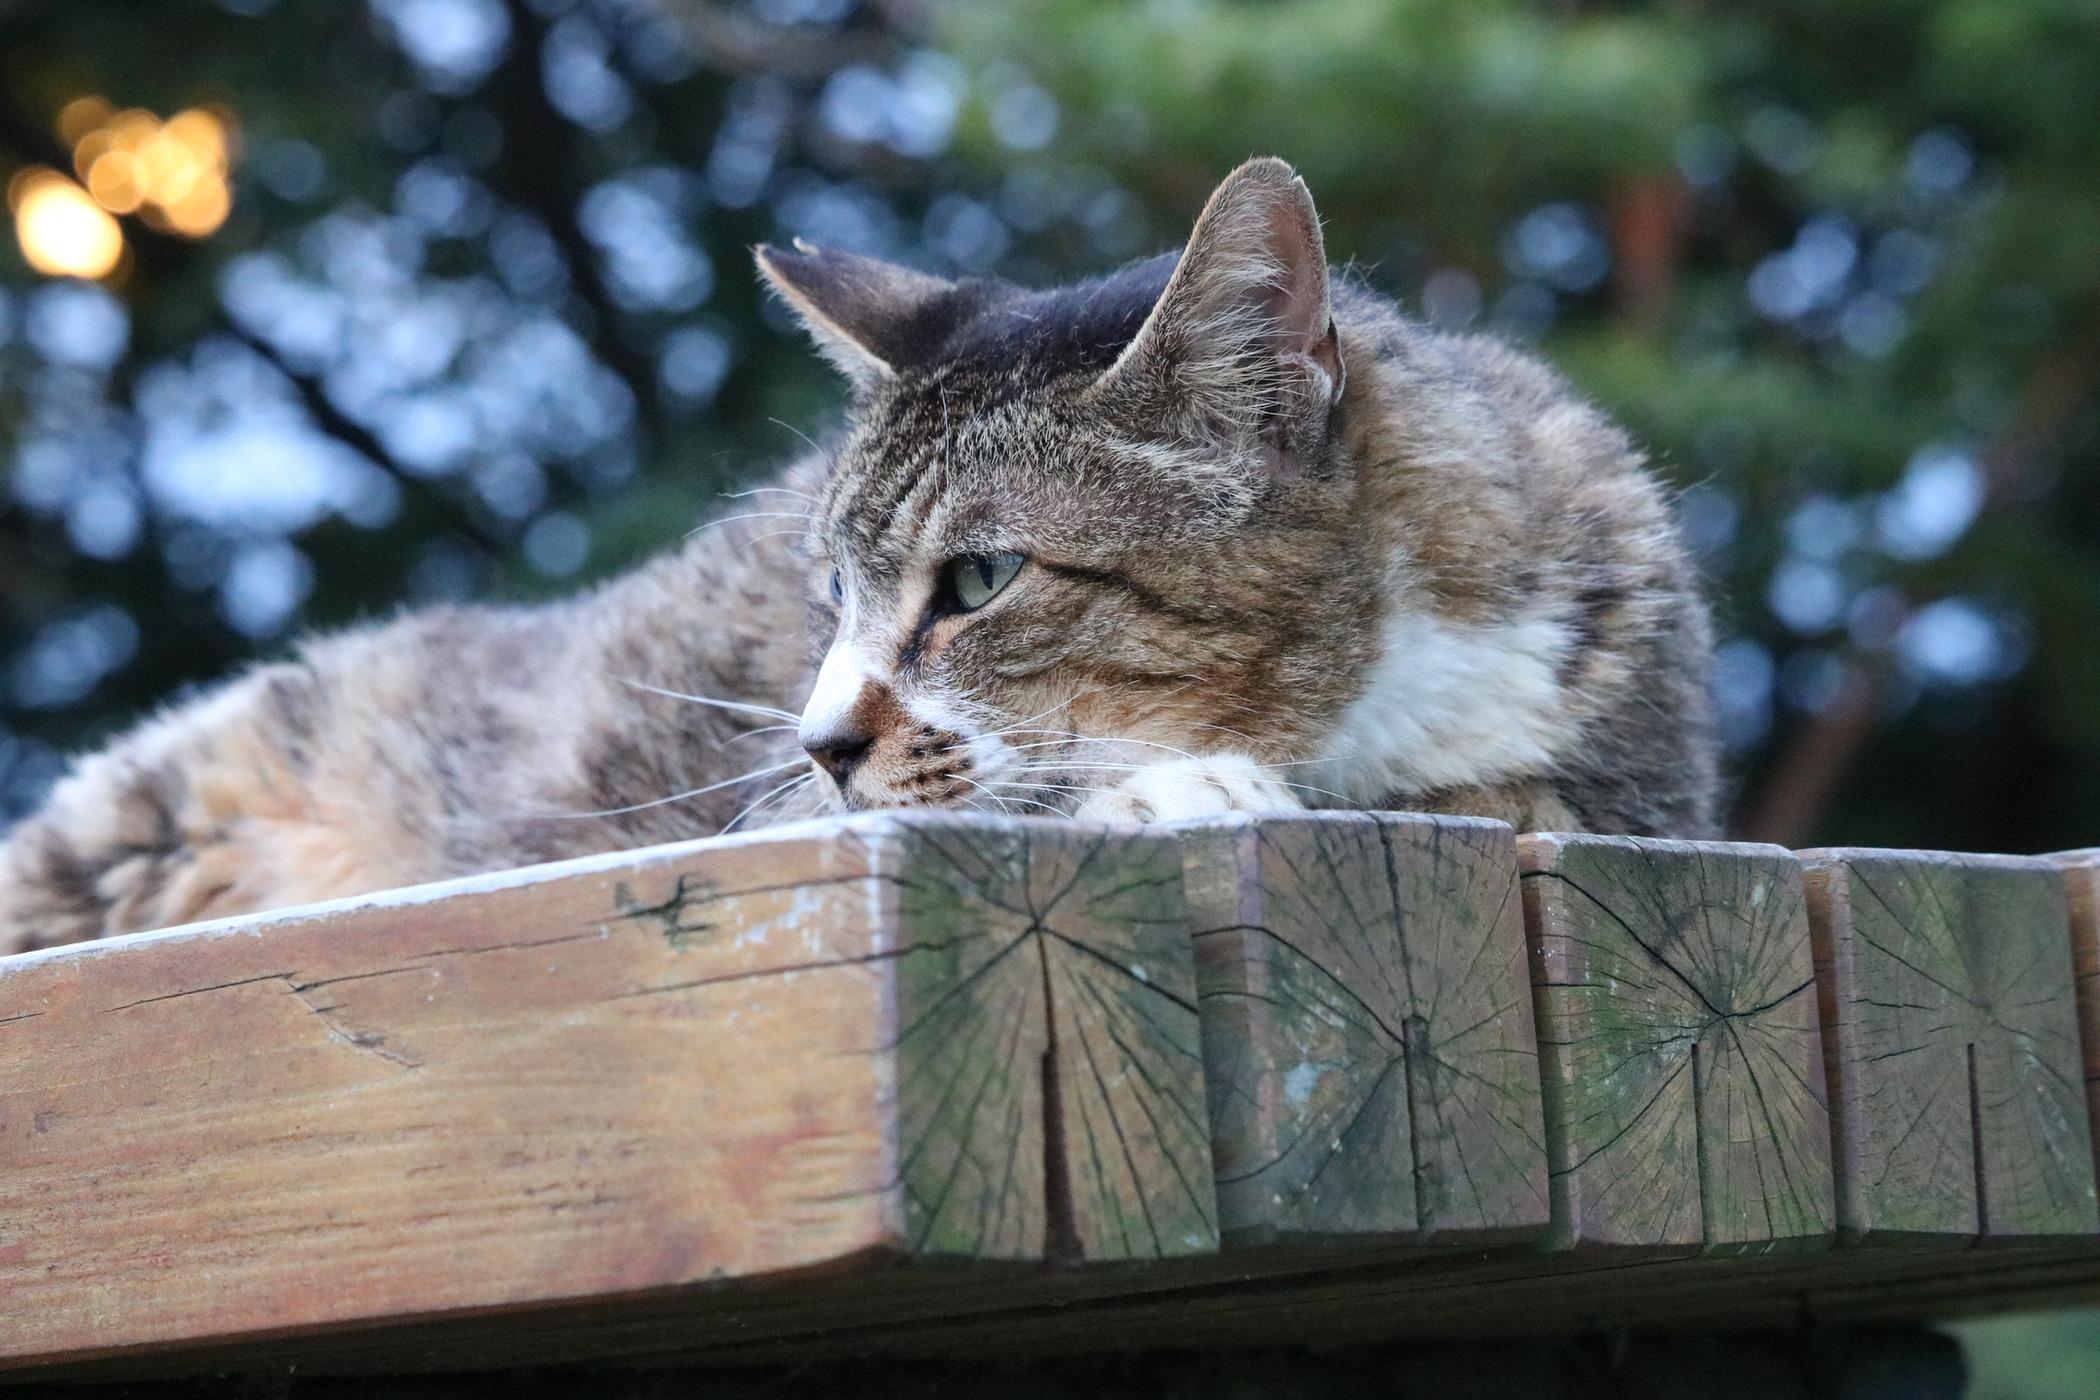 猫貼り鳥貼りかもーん パン○らあP [無断転載禁止]©bbspink.comYouTube動画>1本 ->画像>3566枚